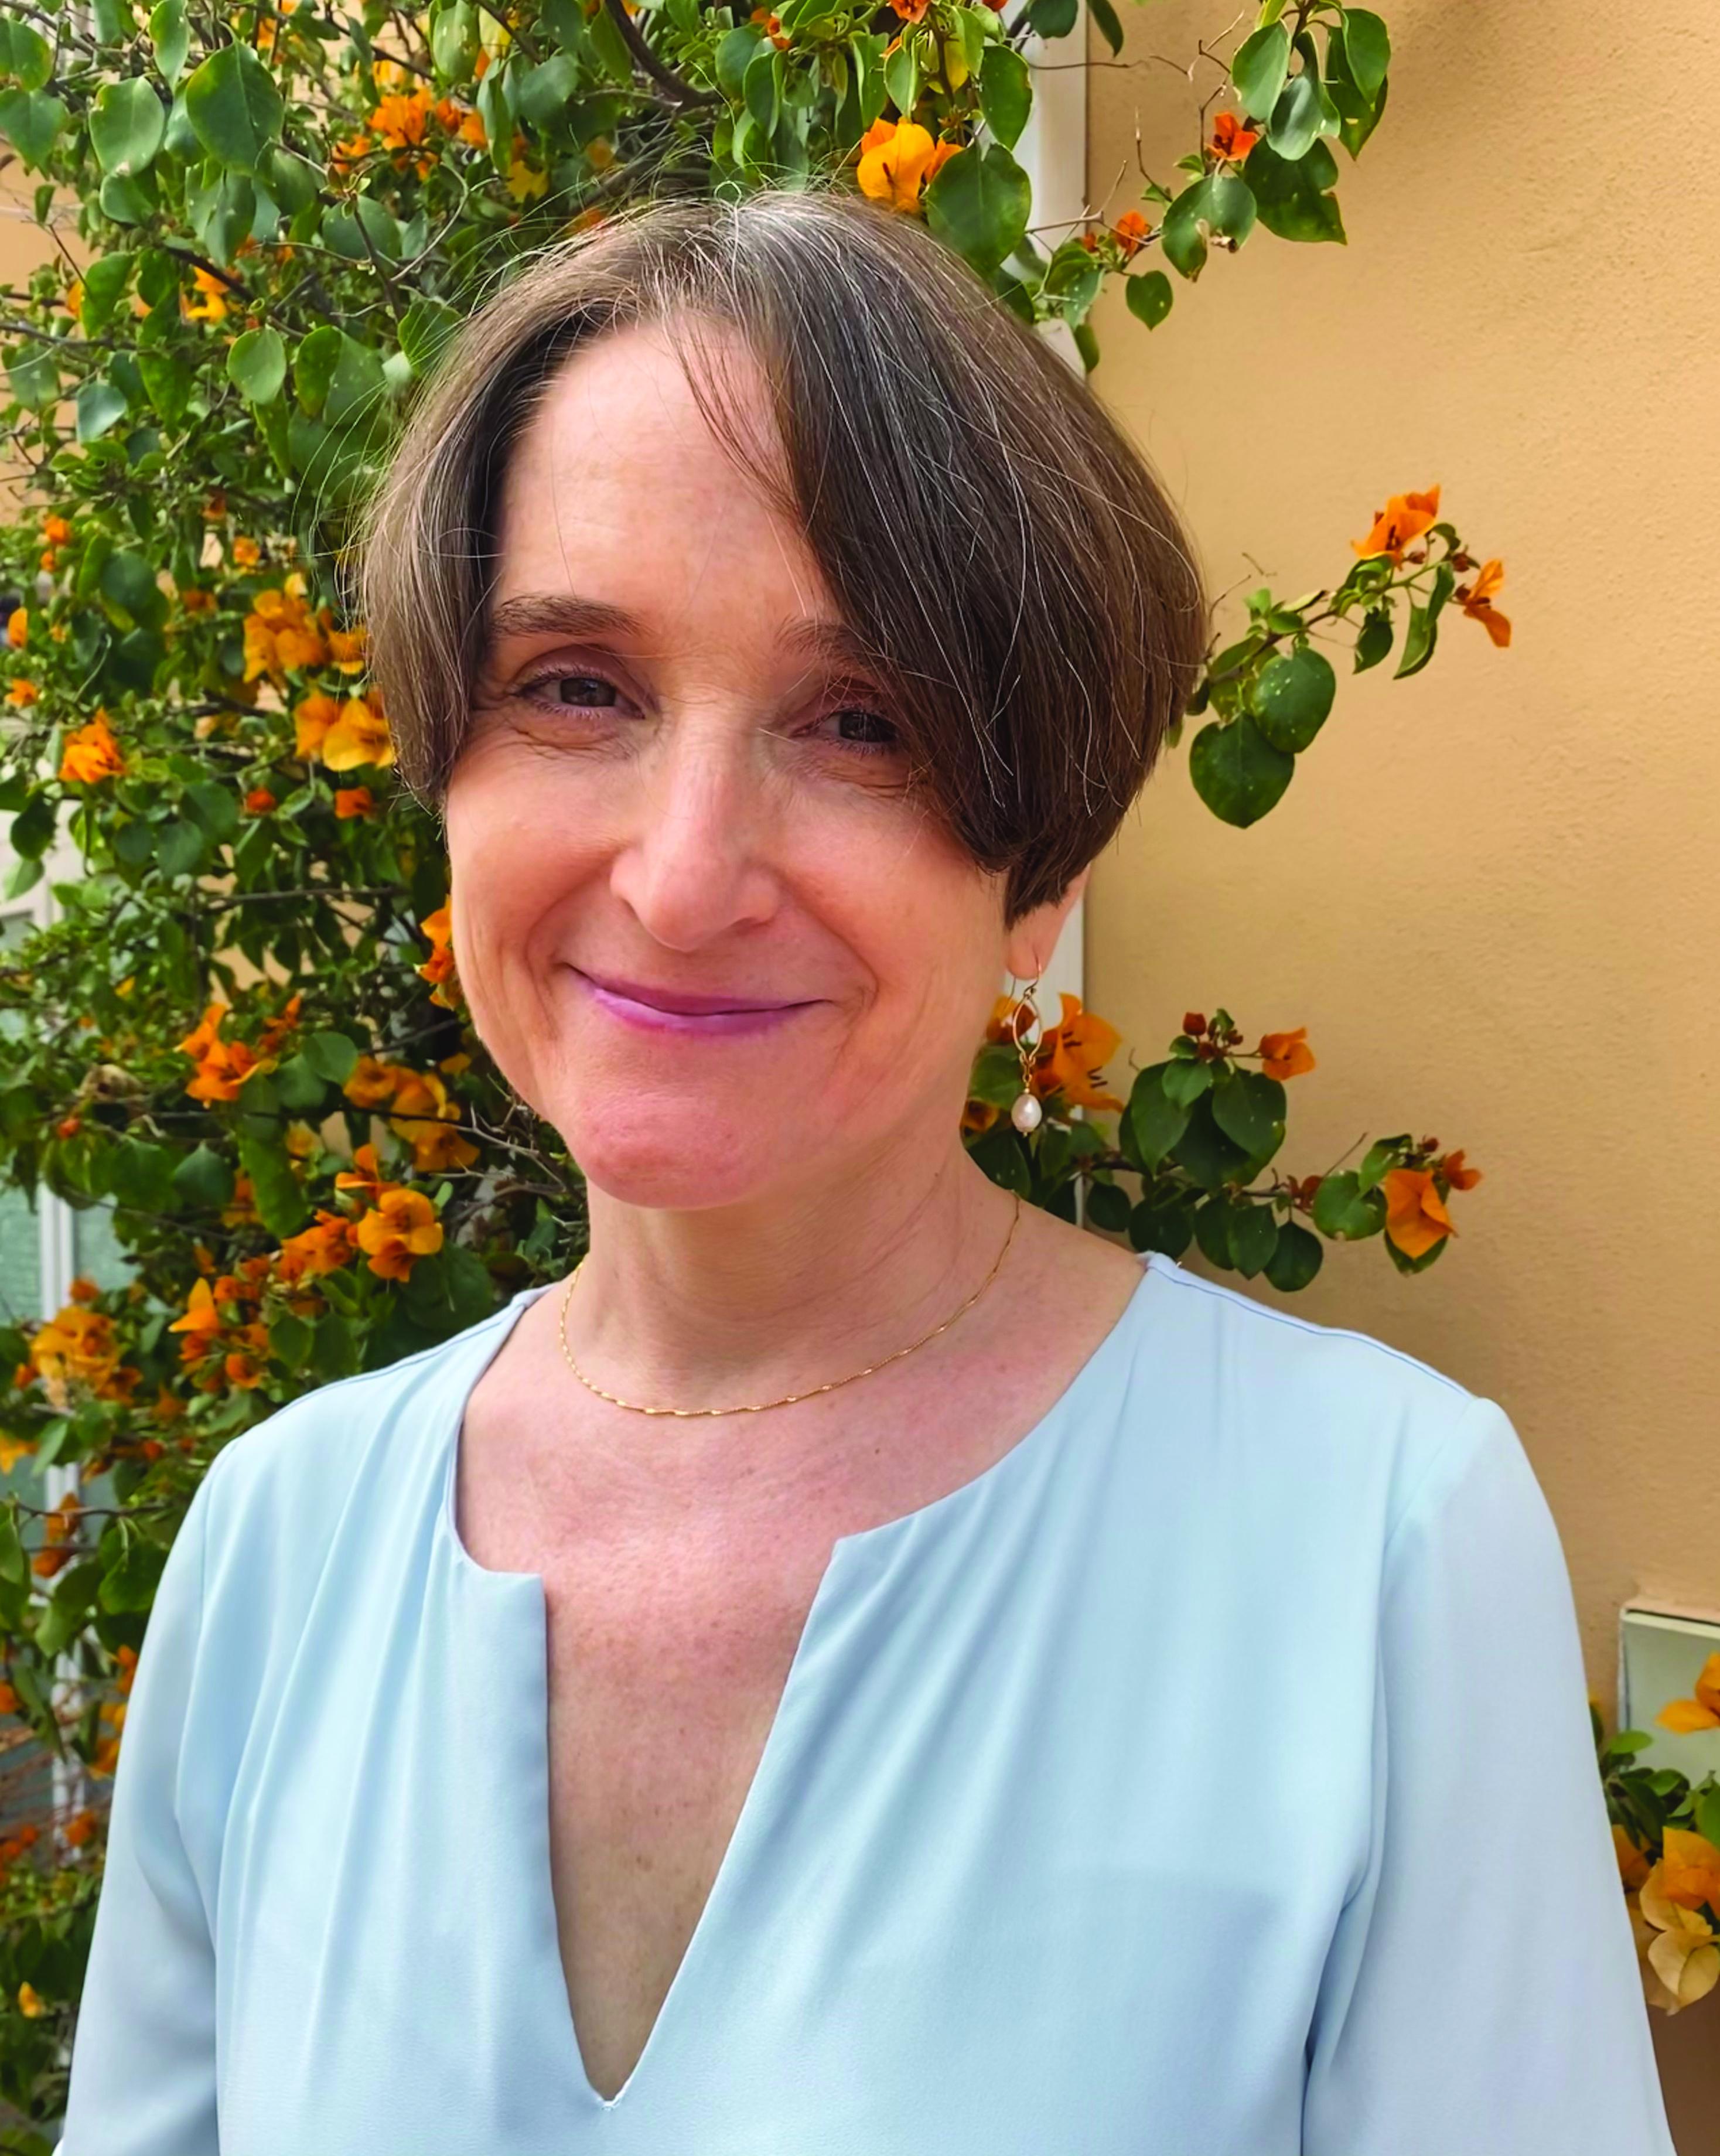 Elizabeth Shick